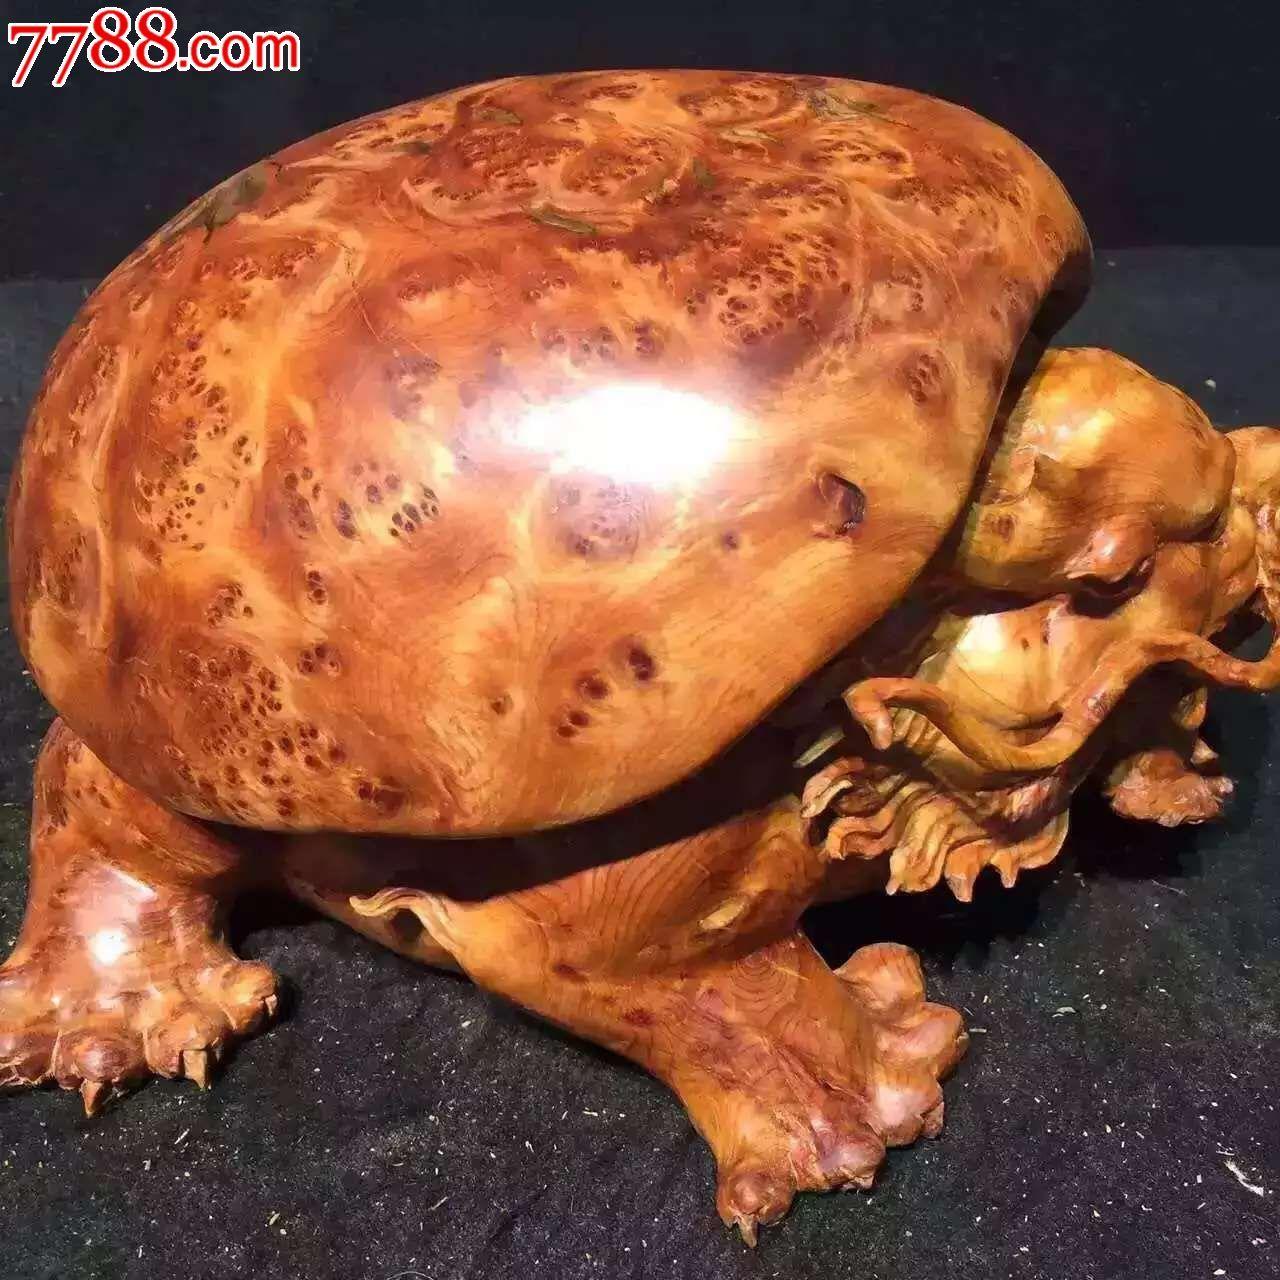 梦见木头龙龟会动是什么意思